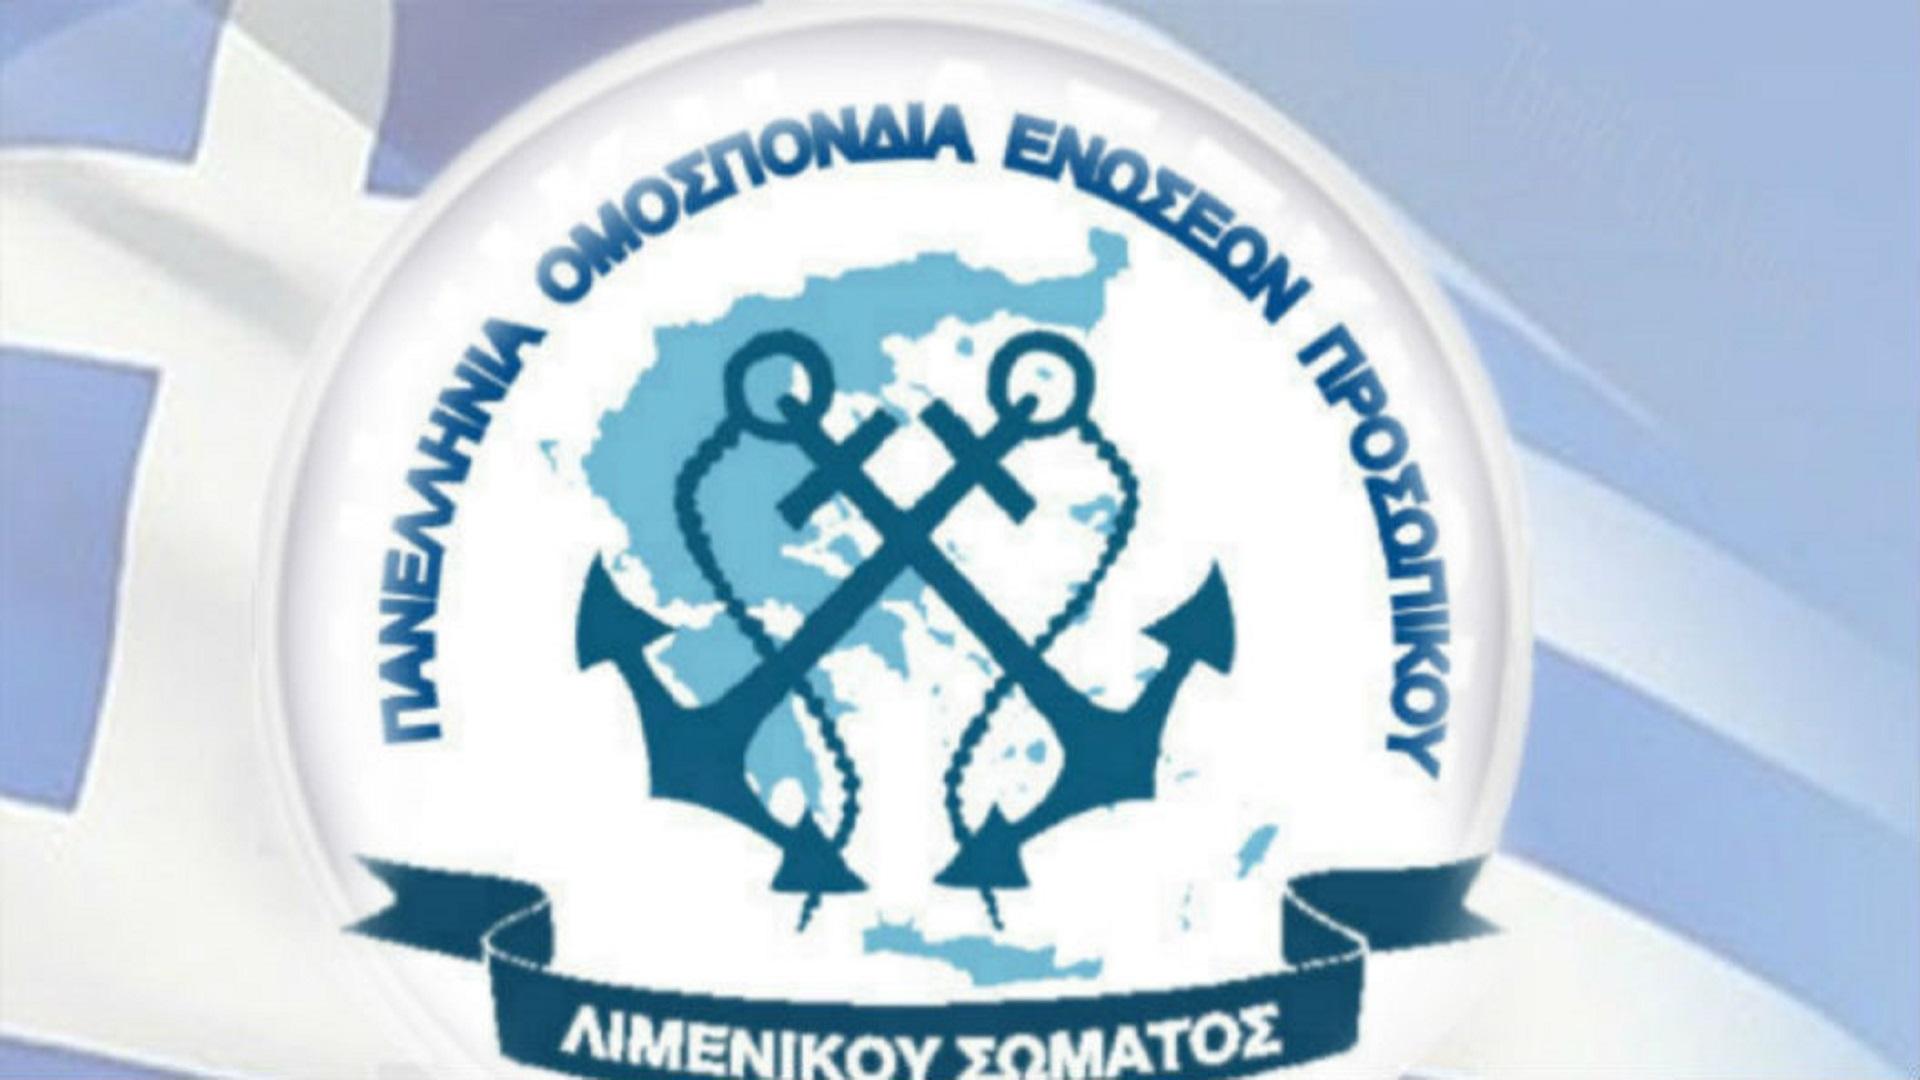 Στήριξη της Π.Ο.Ε.Π.Λ.Σ. στις πρωτοβάθμιες Ενώσεις μέλη της